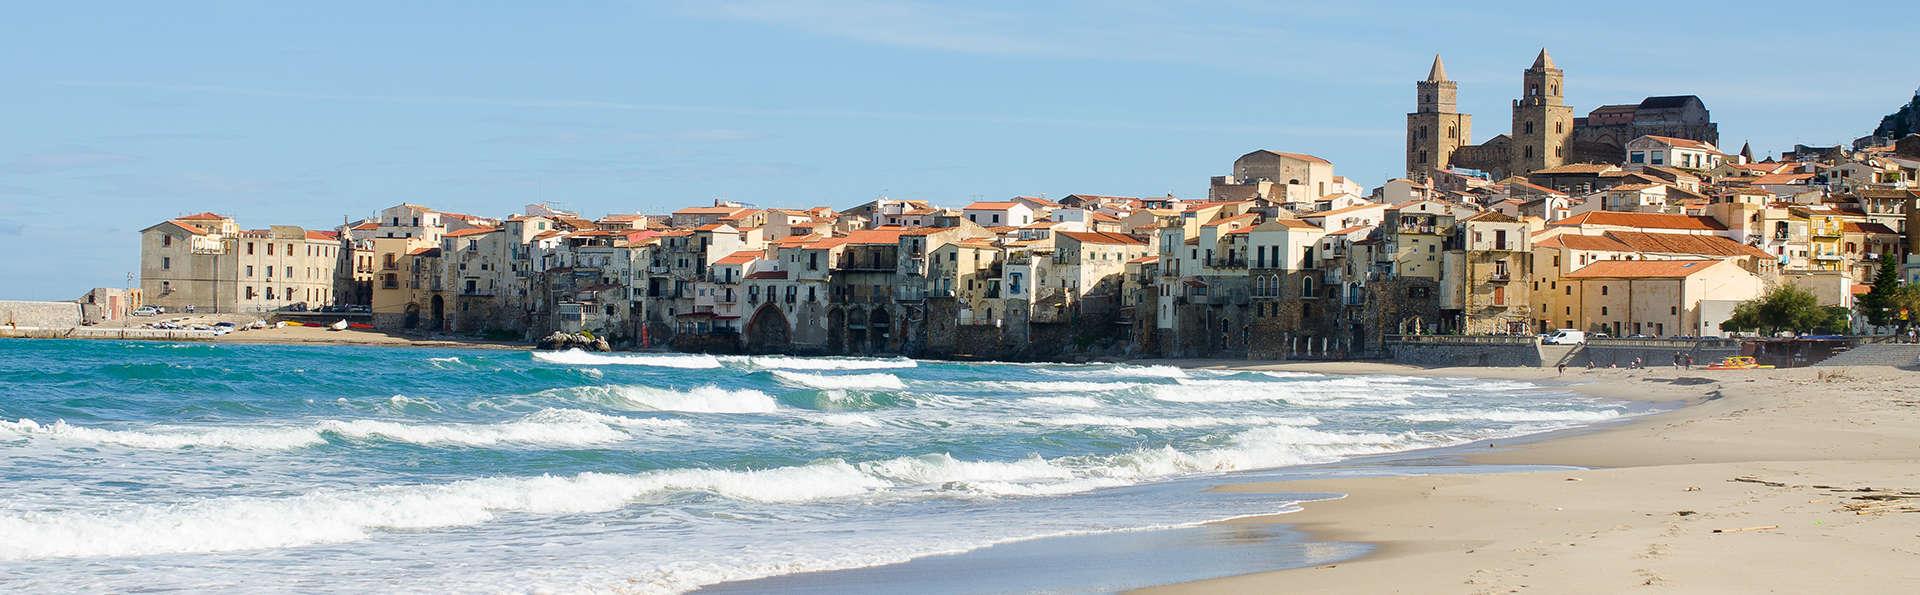 Prenota ora e risparmia: vacanza al mare nella splendida Cefalù